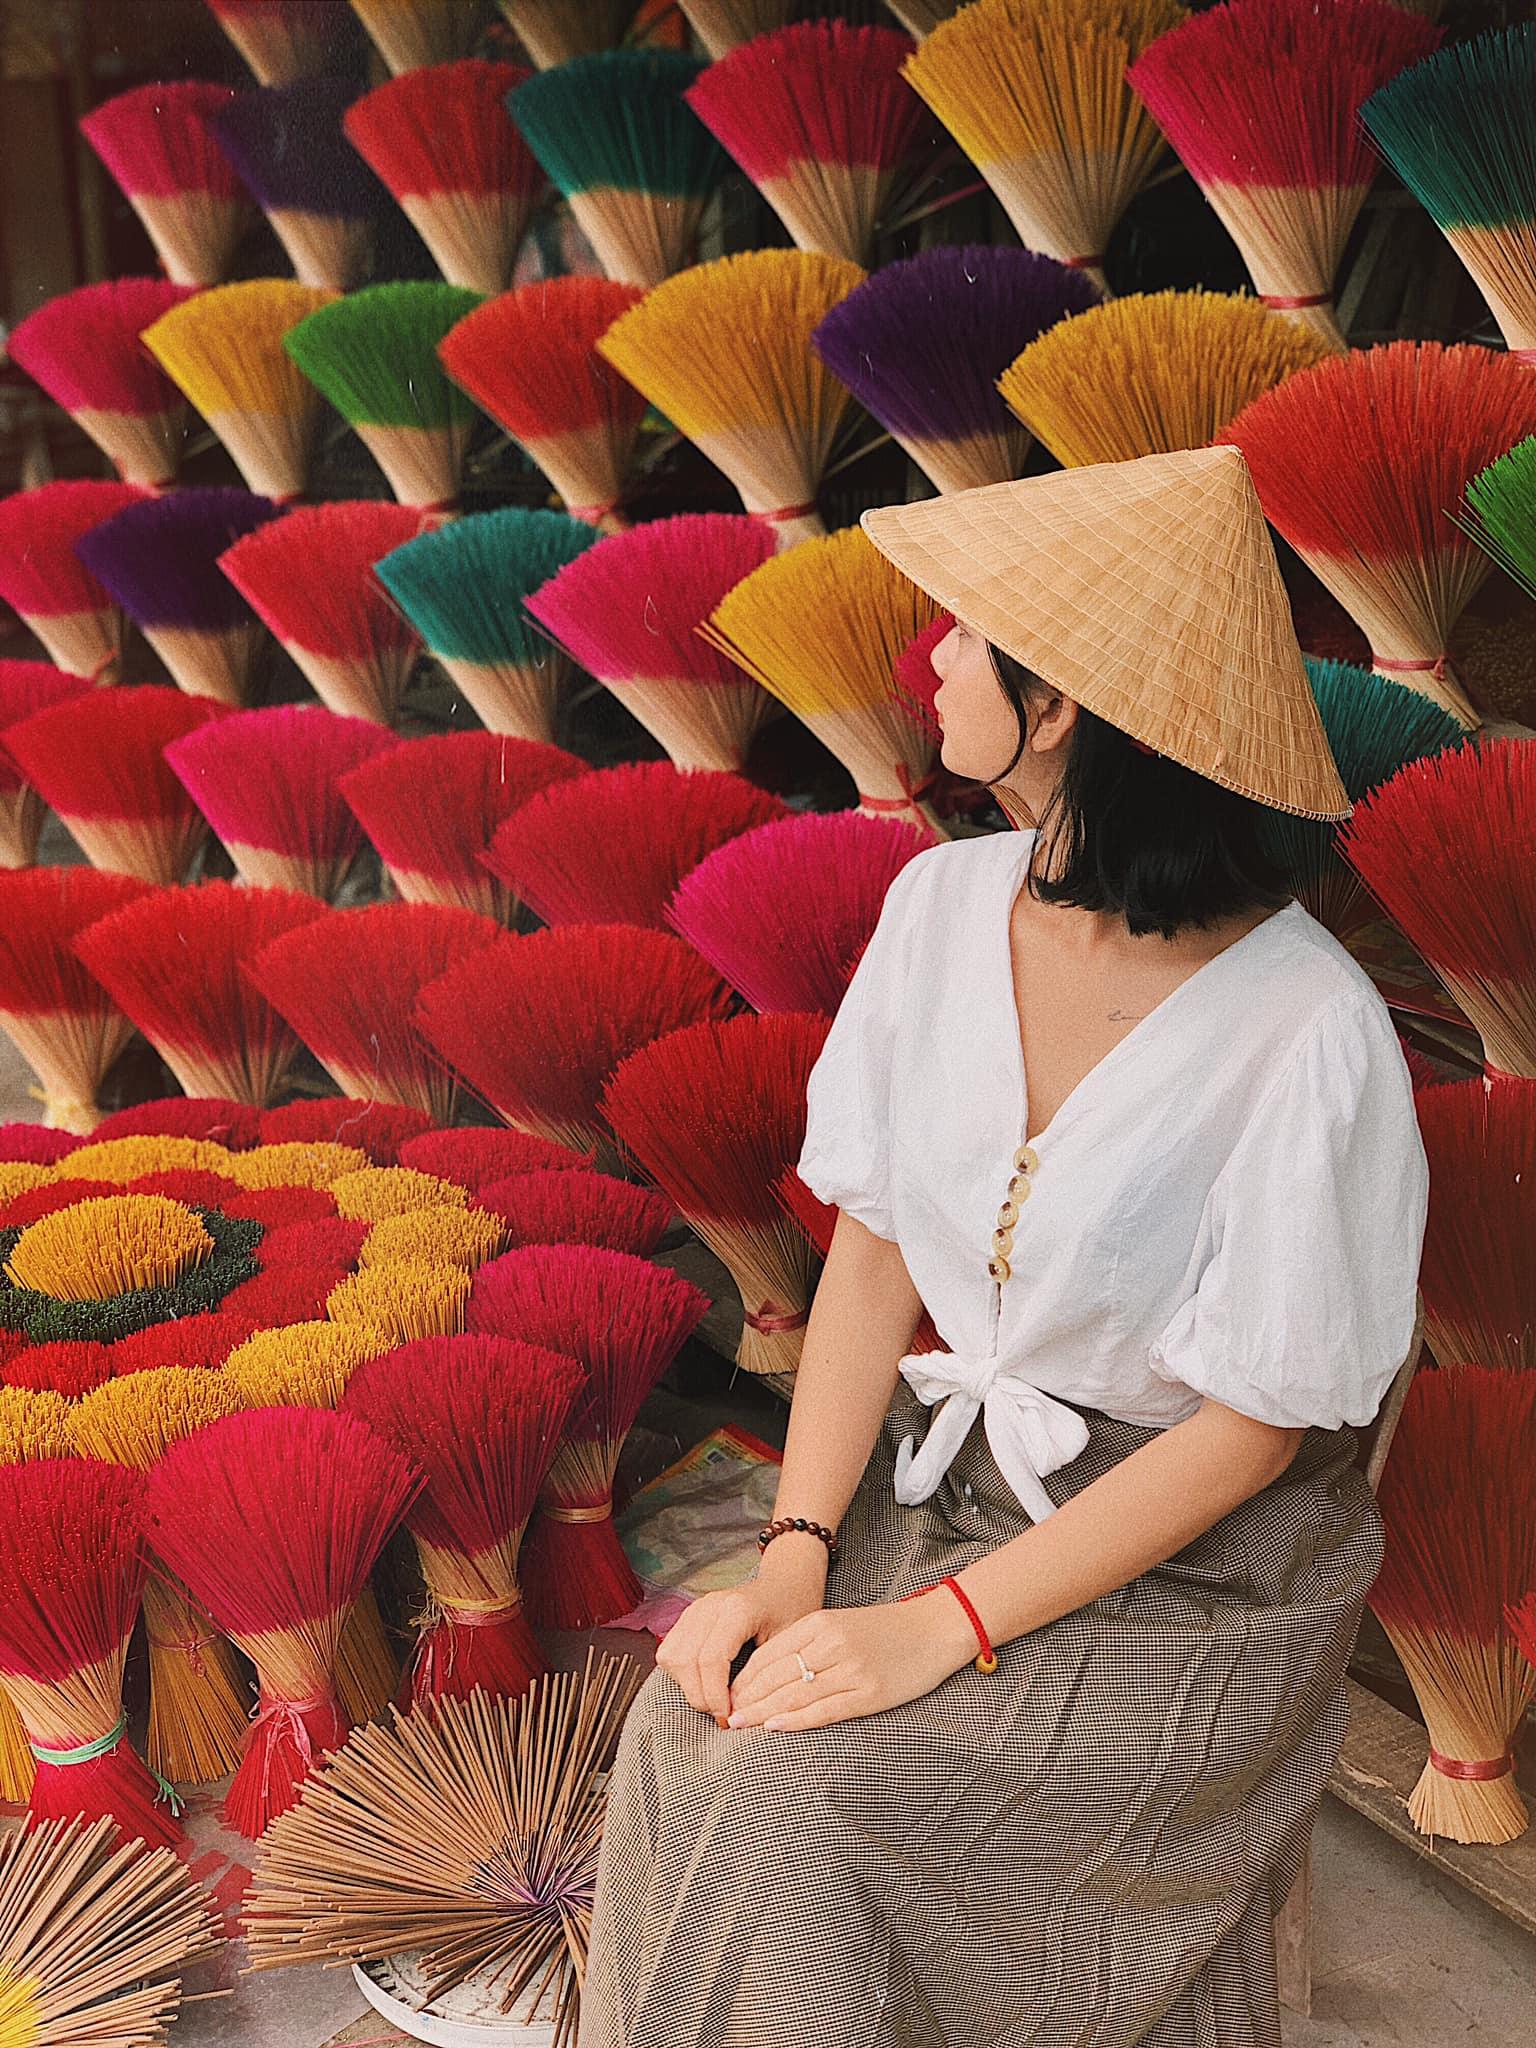 Làng hương Thủy Xuân. Hình: Bùi Huy Khang